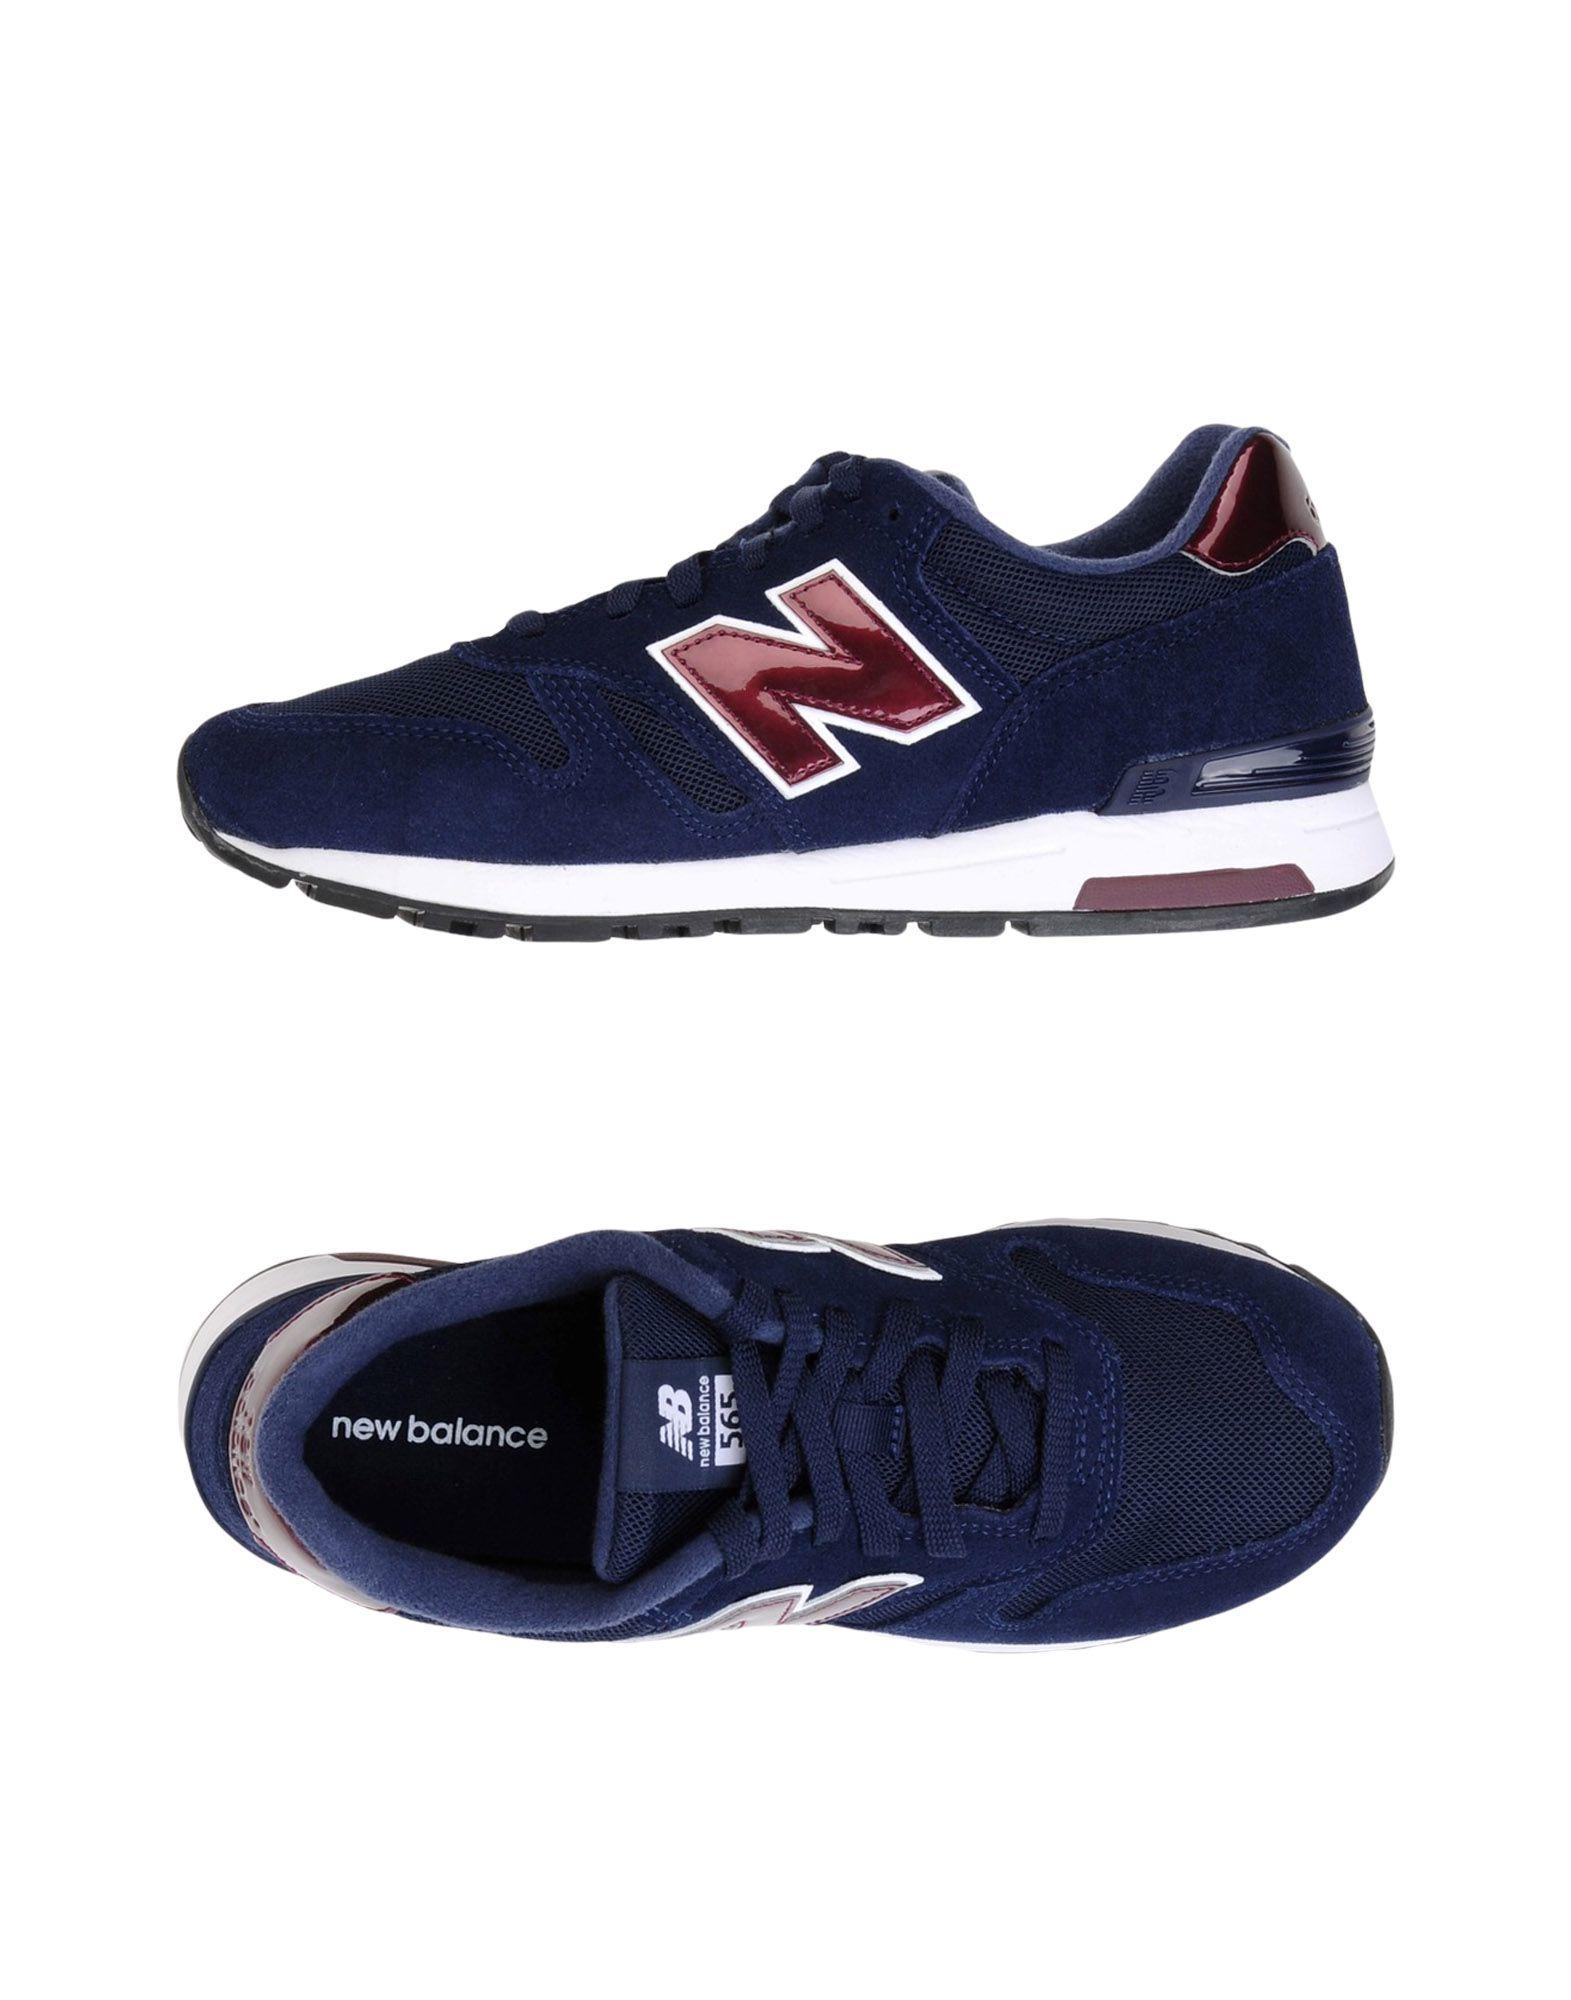 New Balance 565 Suede/Mesh  11470682LR Gute Qualität beliebte Schuhe